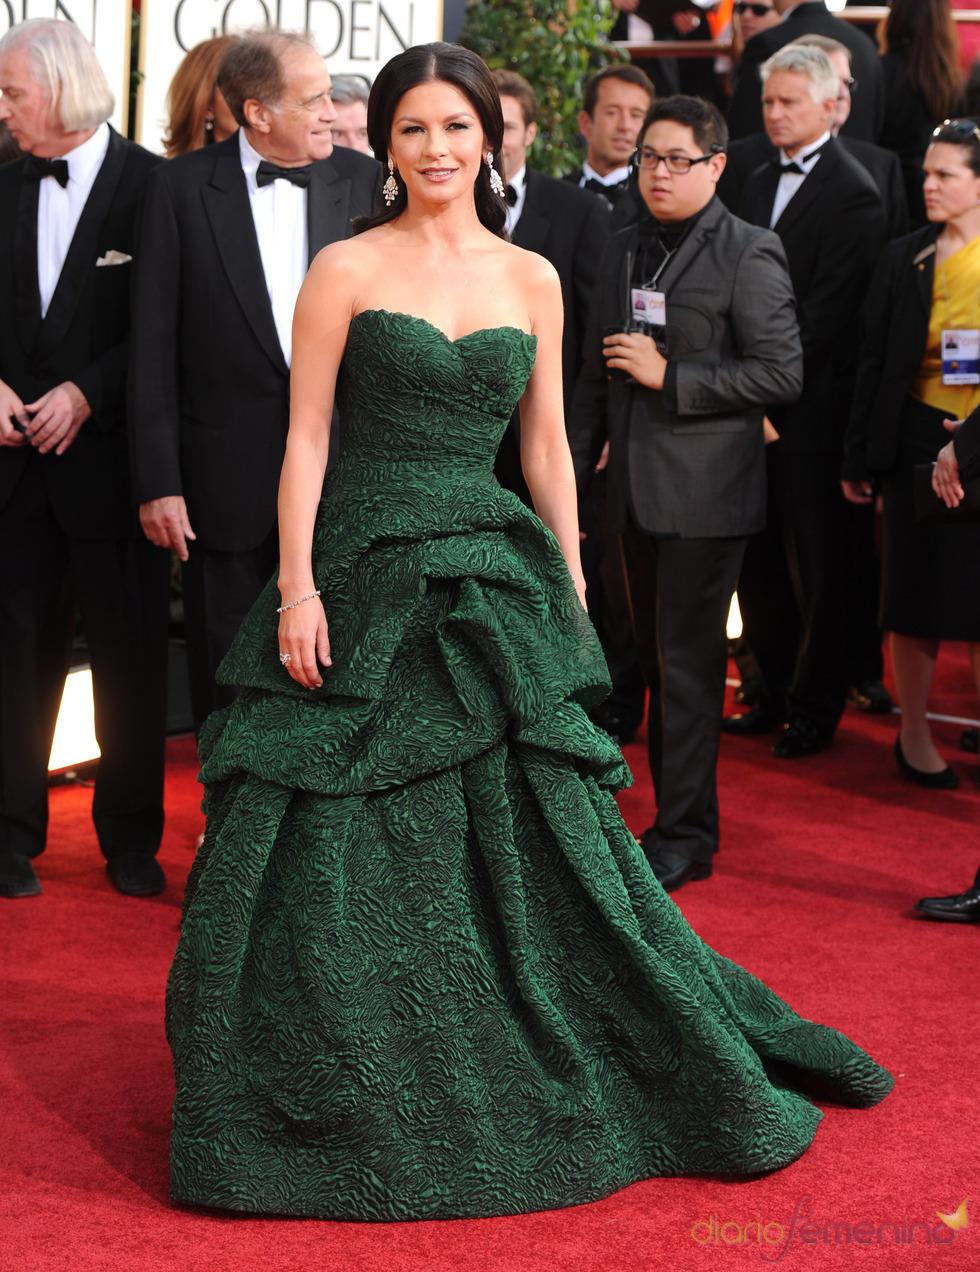 Catherine Zeta Jones en la alfombra roja de los Globos de Oro 2011